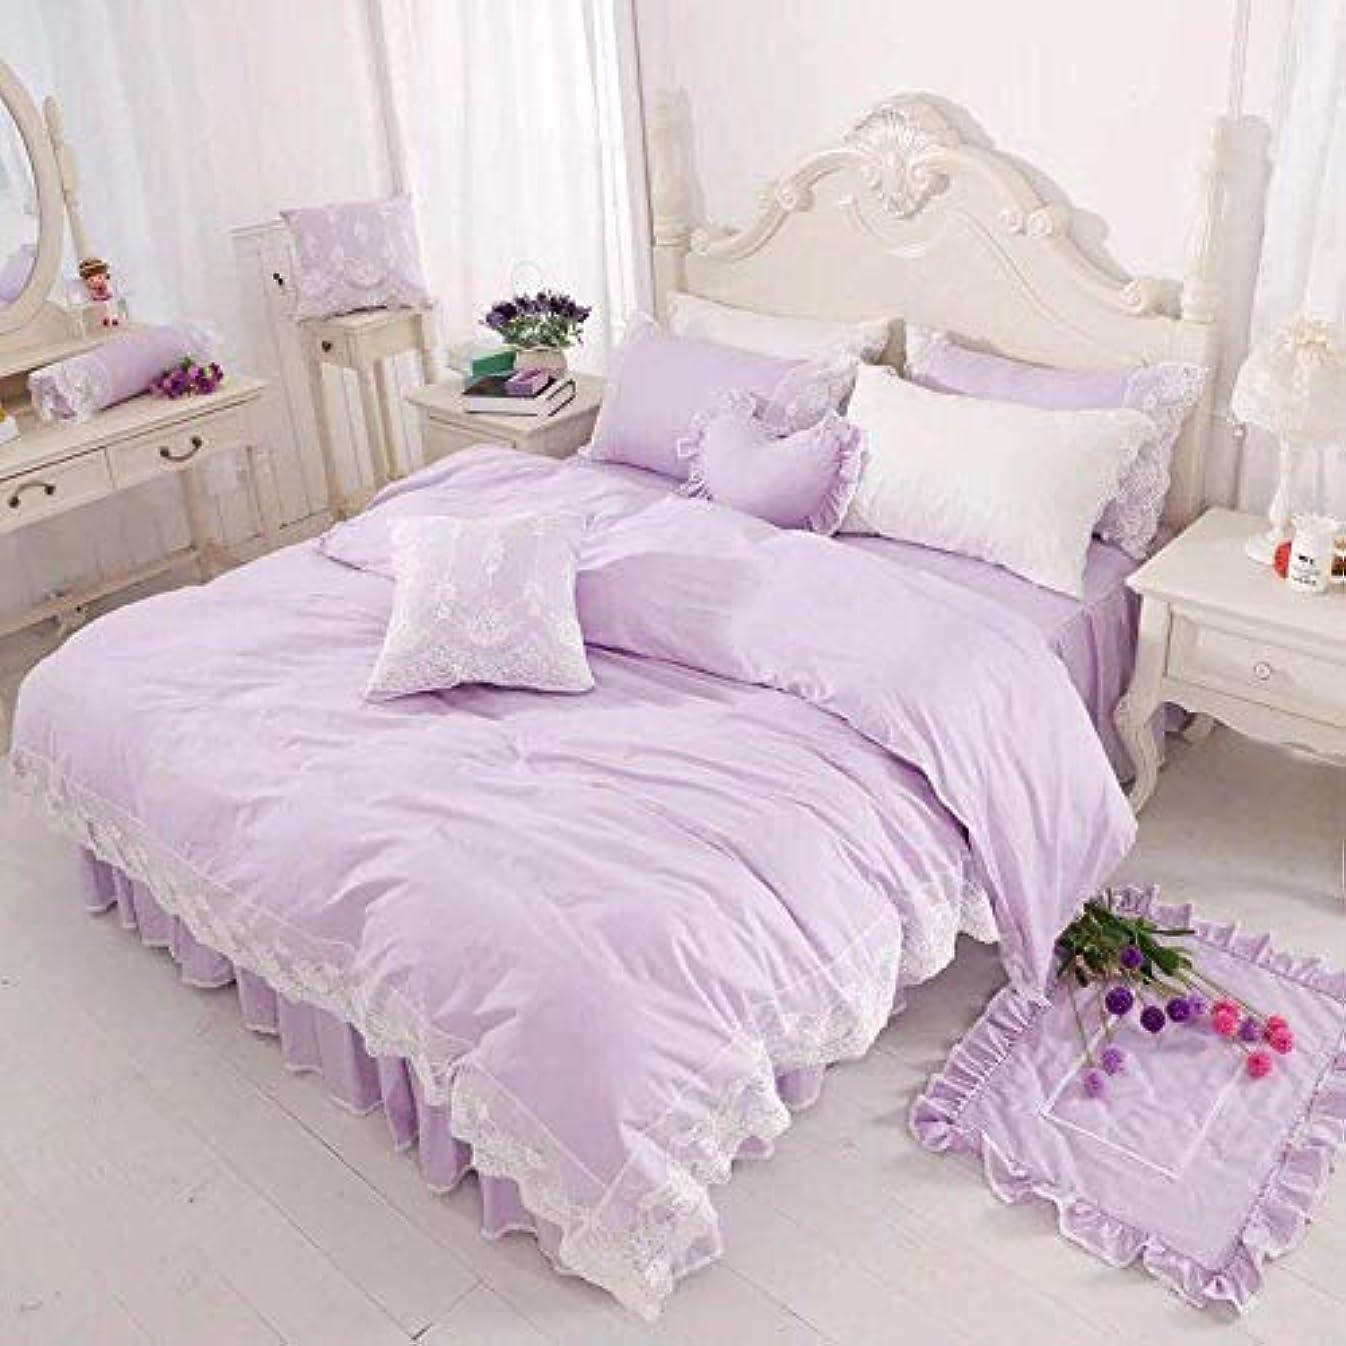 の間で完璧変形するA-4寝具カバー ベッド用品布団カバー 枕カバー シーツ3-4点セット大人気 (パープル, セミダブル)